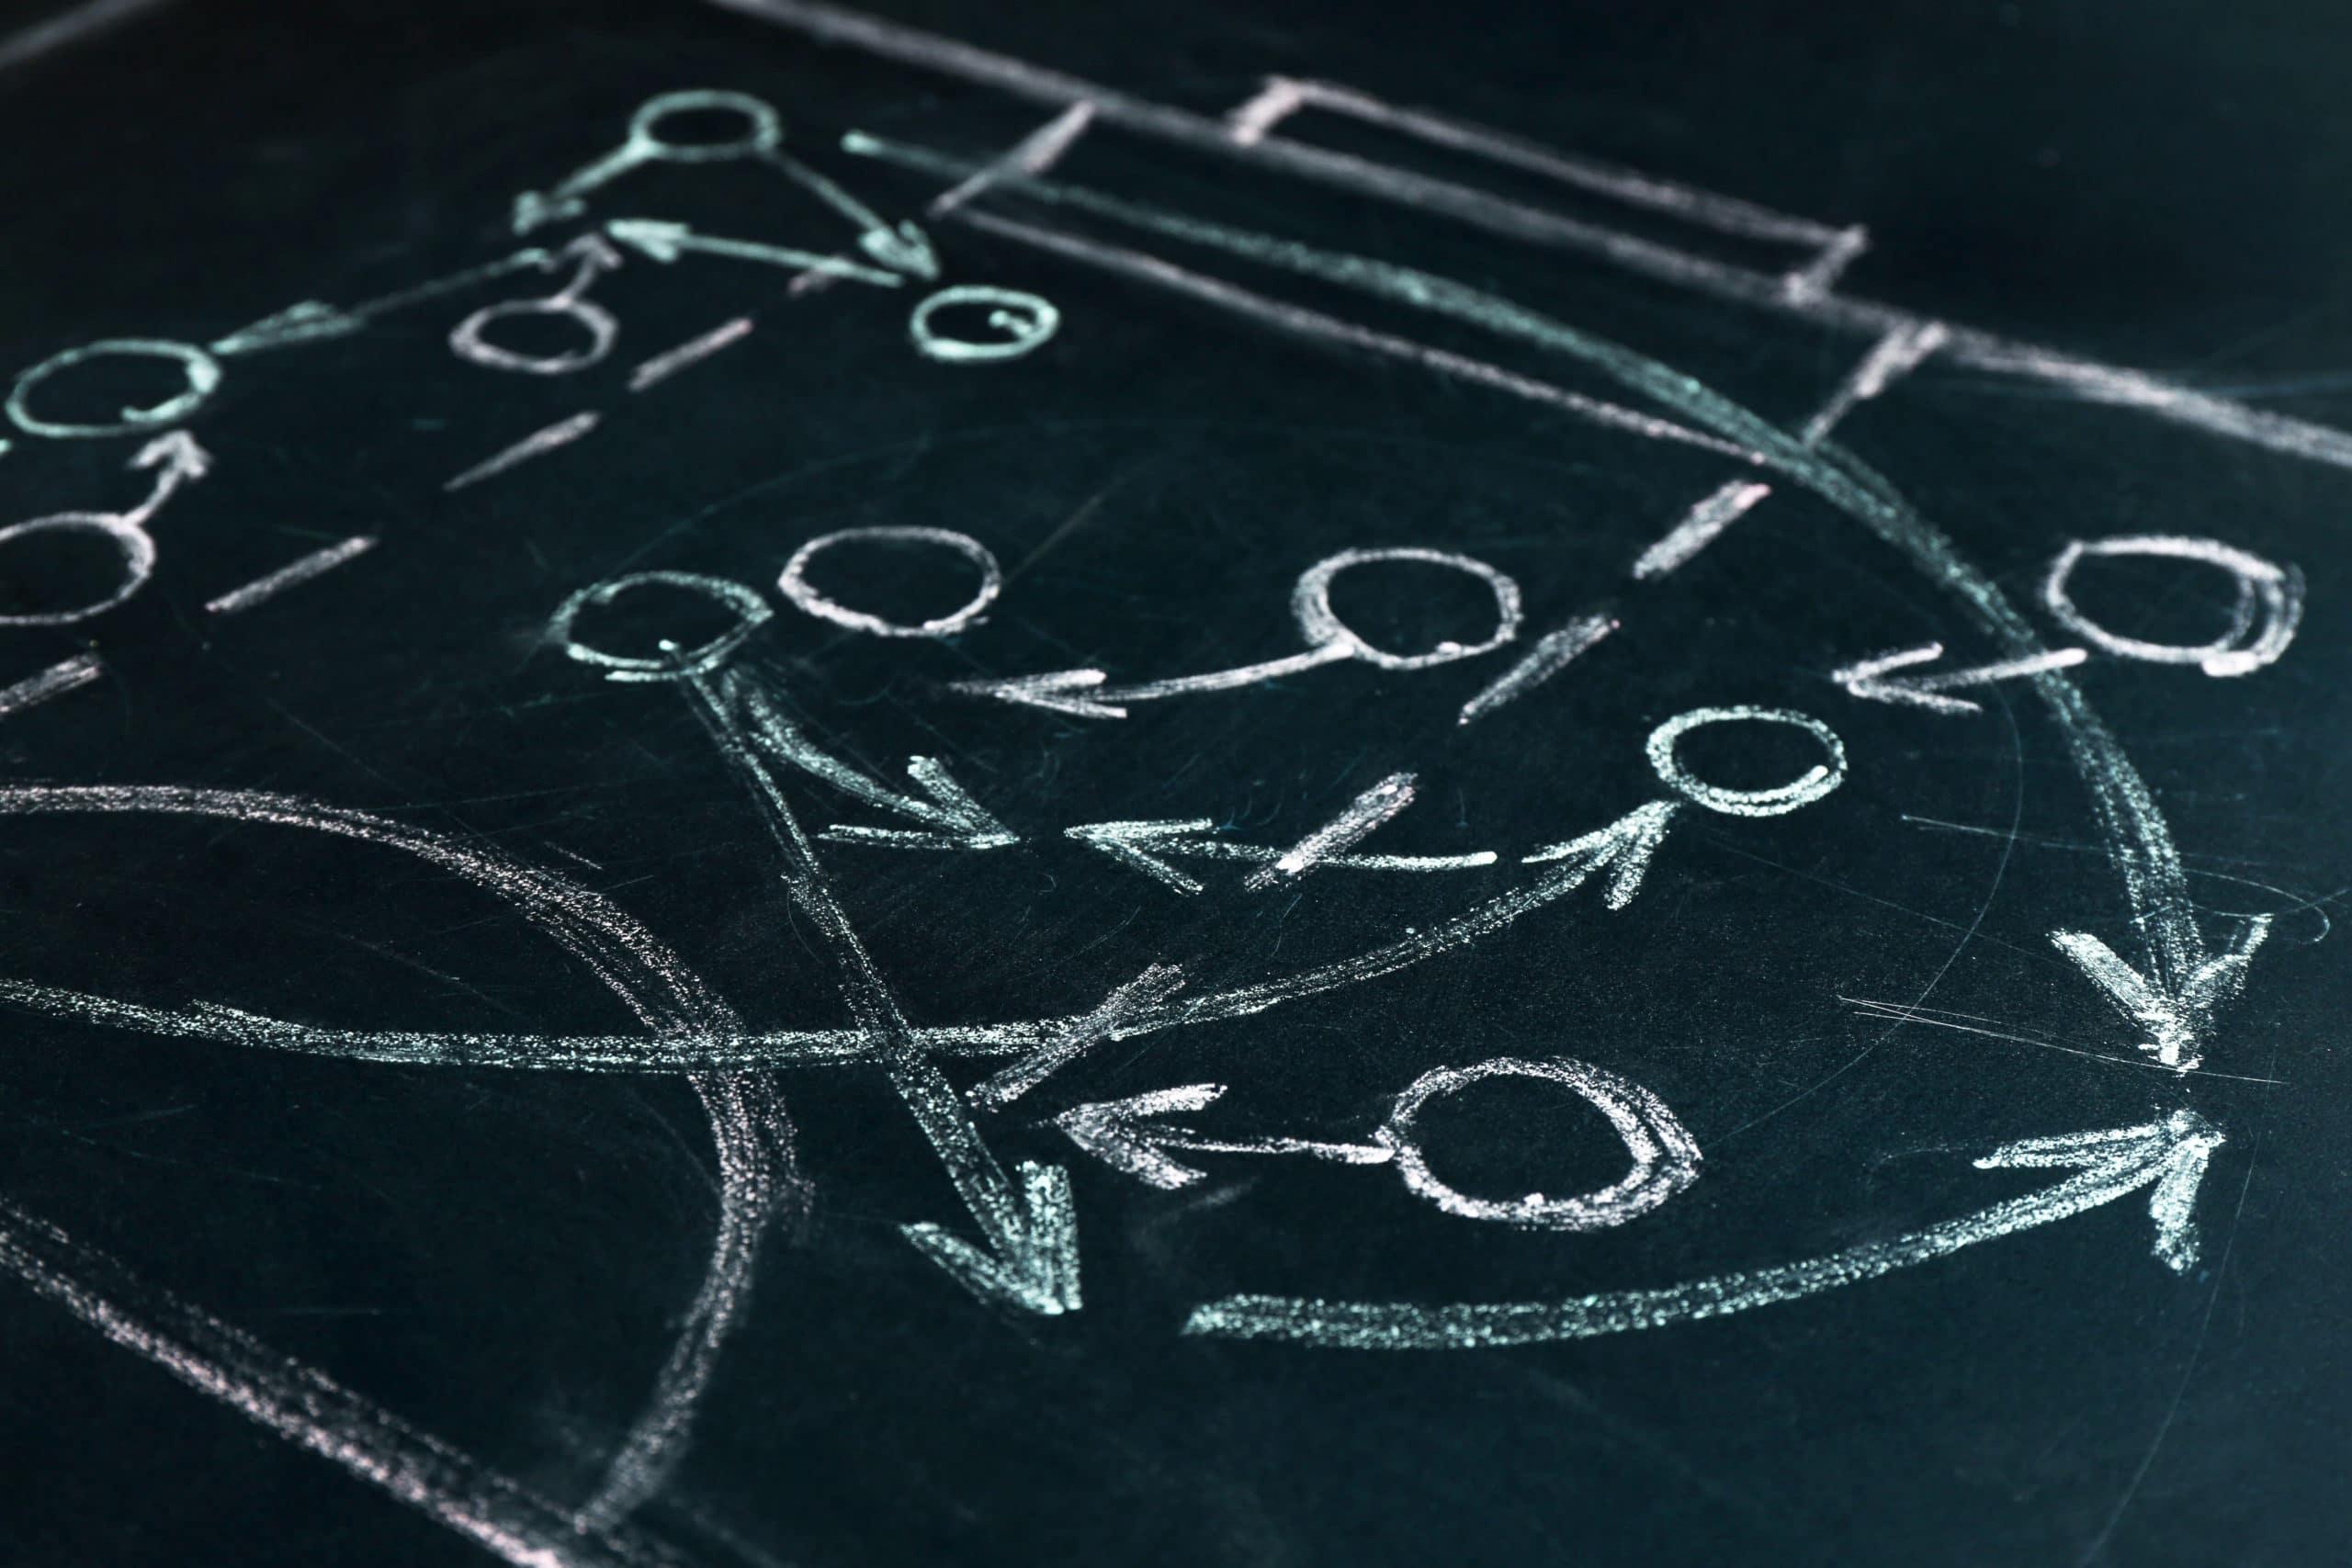 Chalkboard showing sports play.